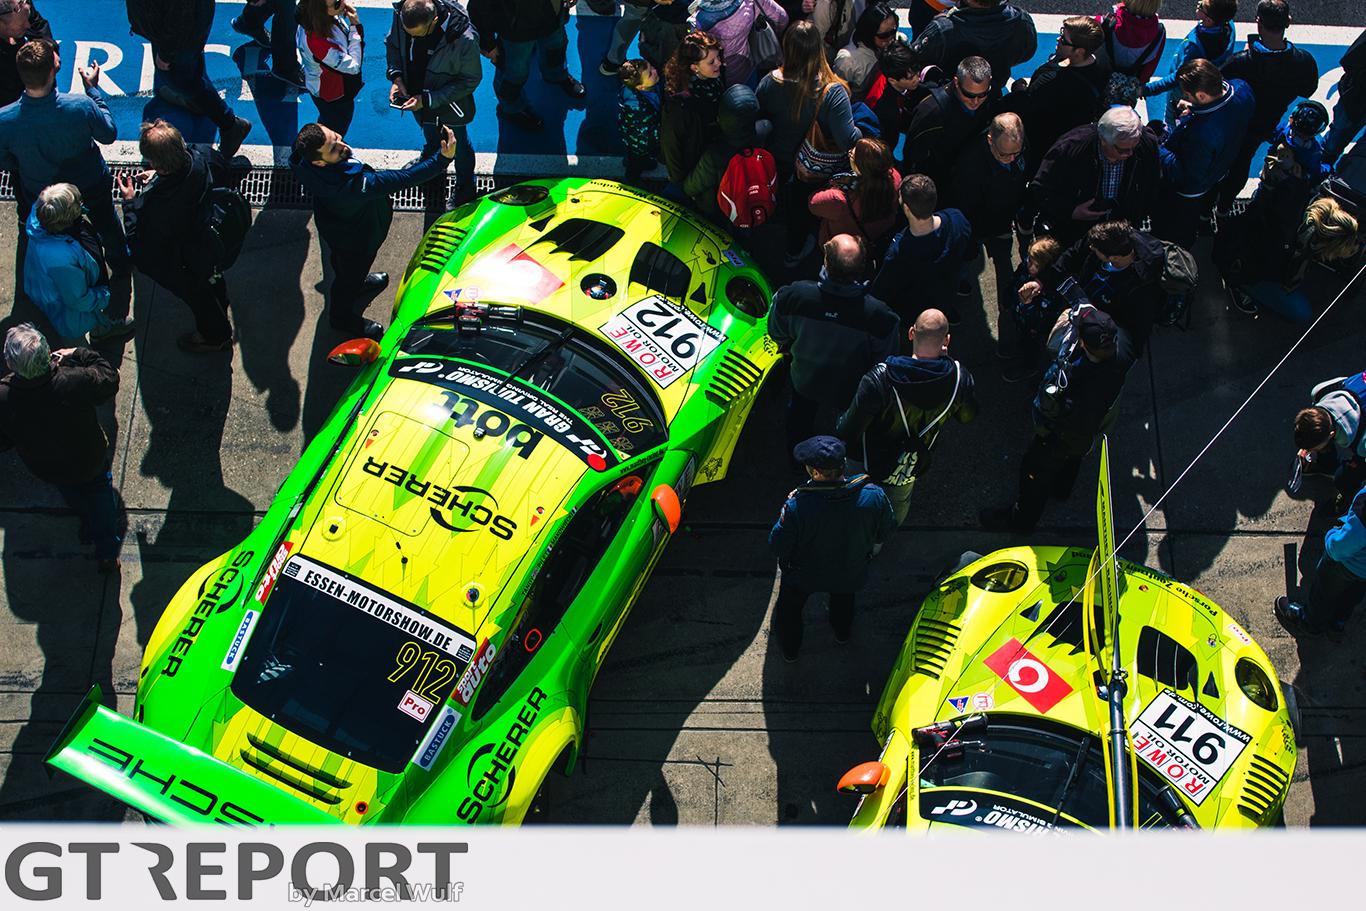 VLN2 race report: Crash, repair, win | GT REPORT